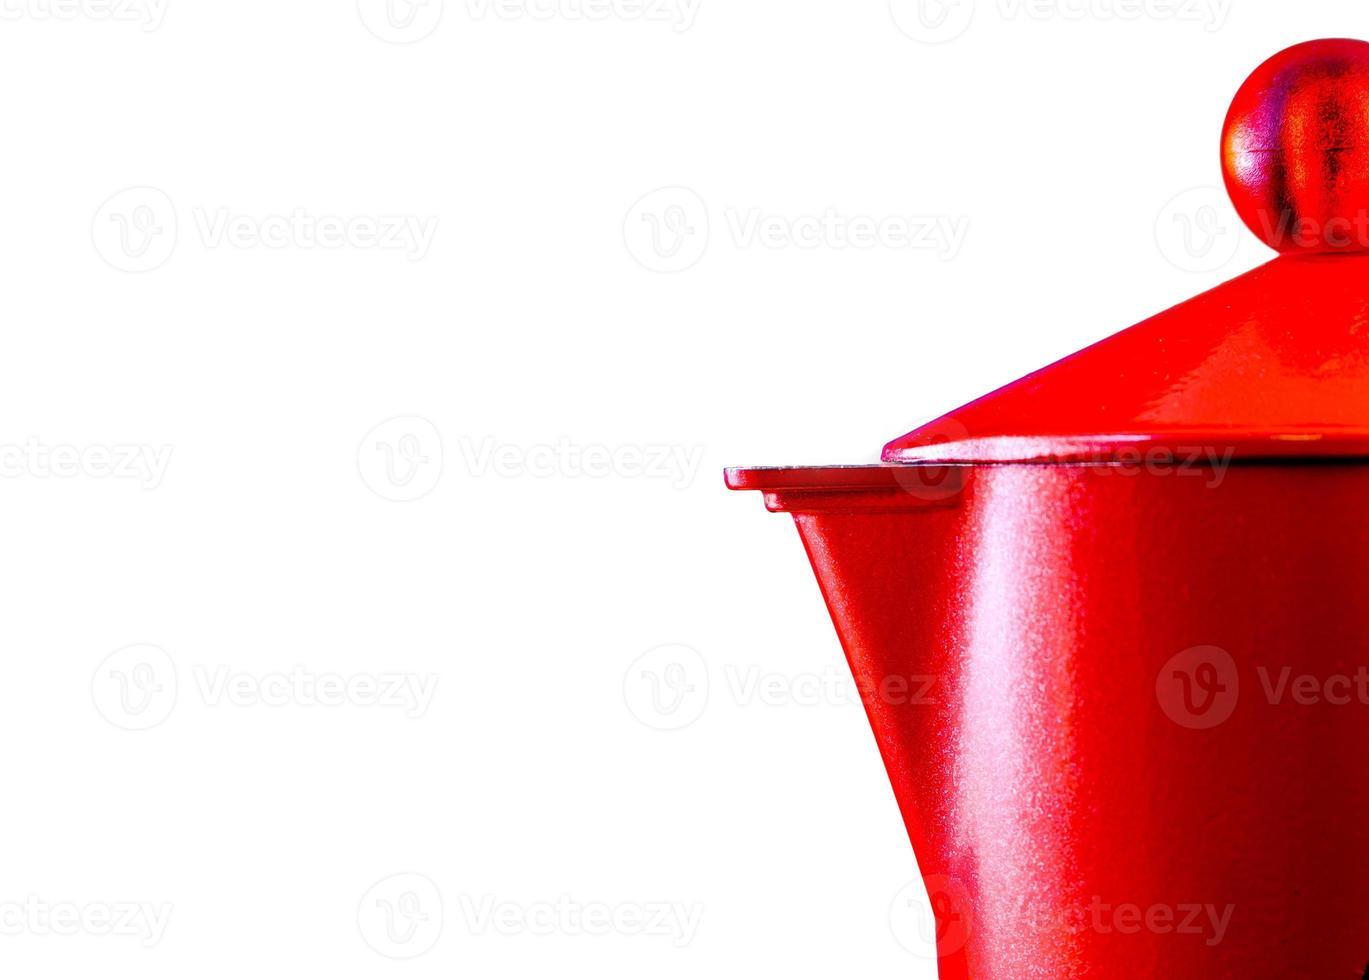 Red Italian Mocha photo